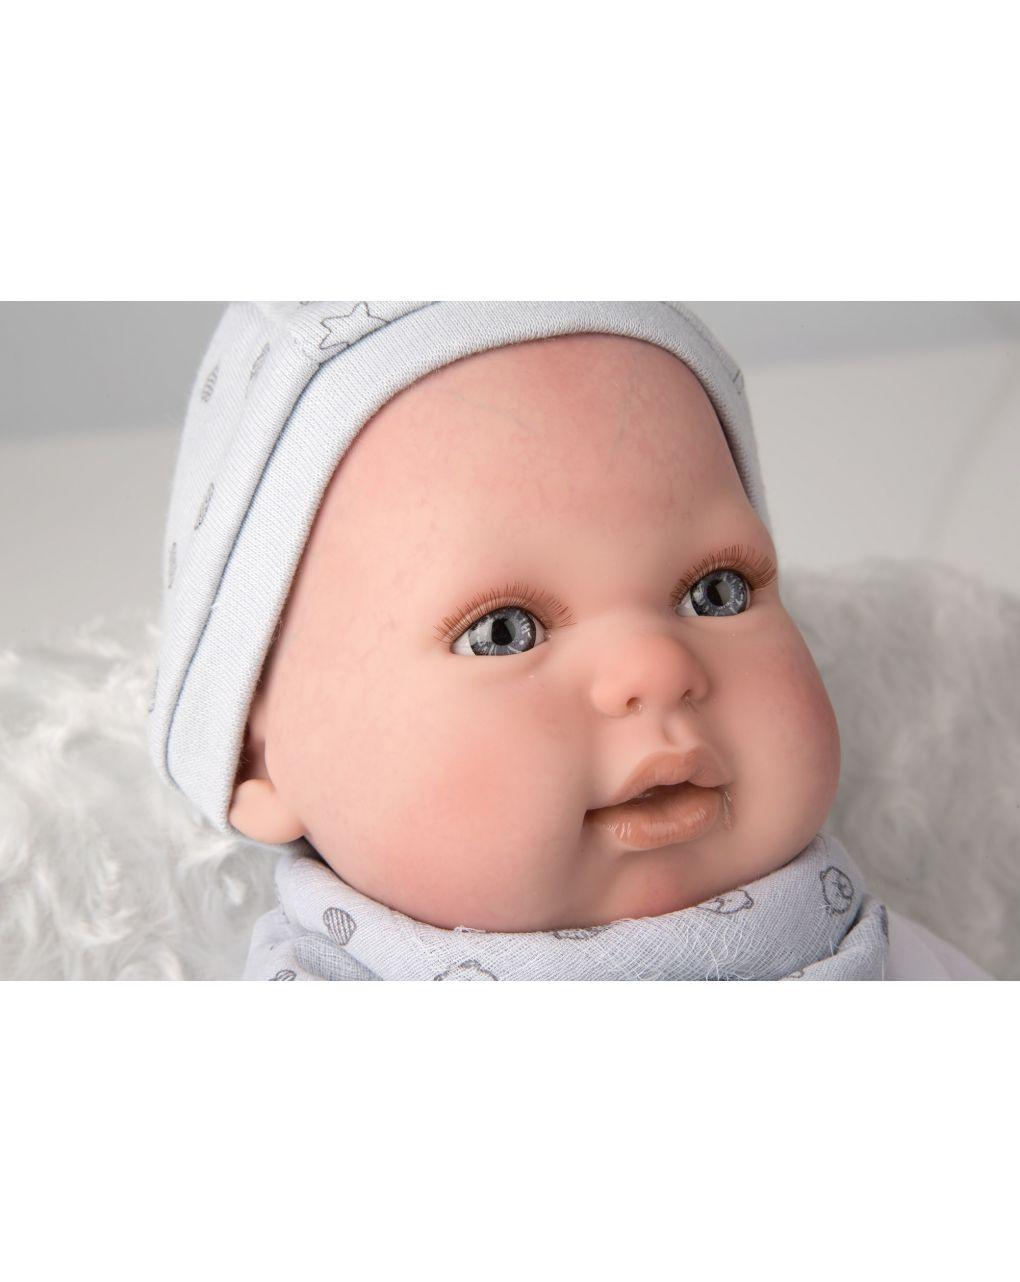 Love bebè - love bebe reborn - Love Bebè